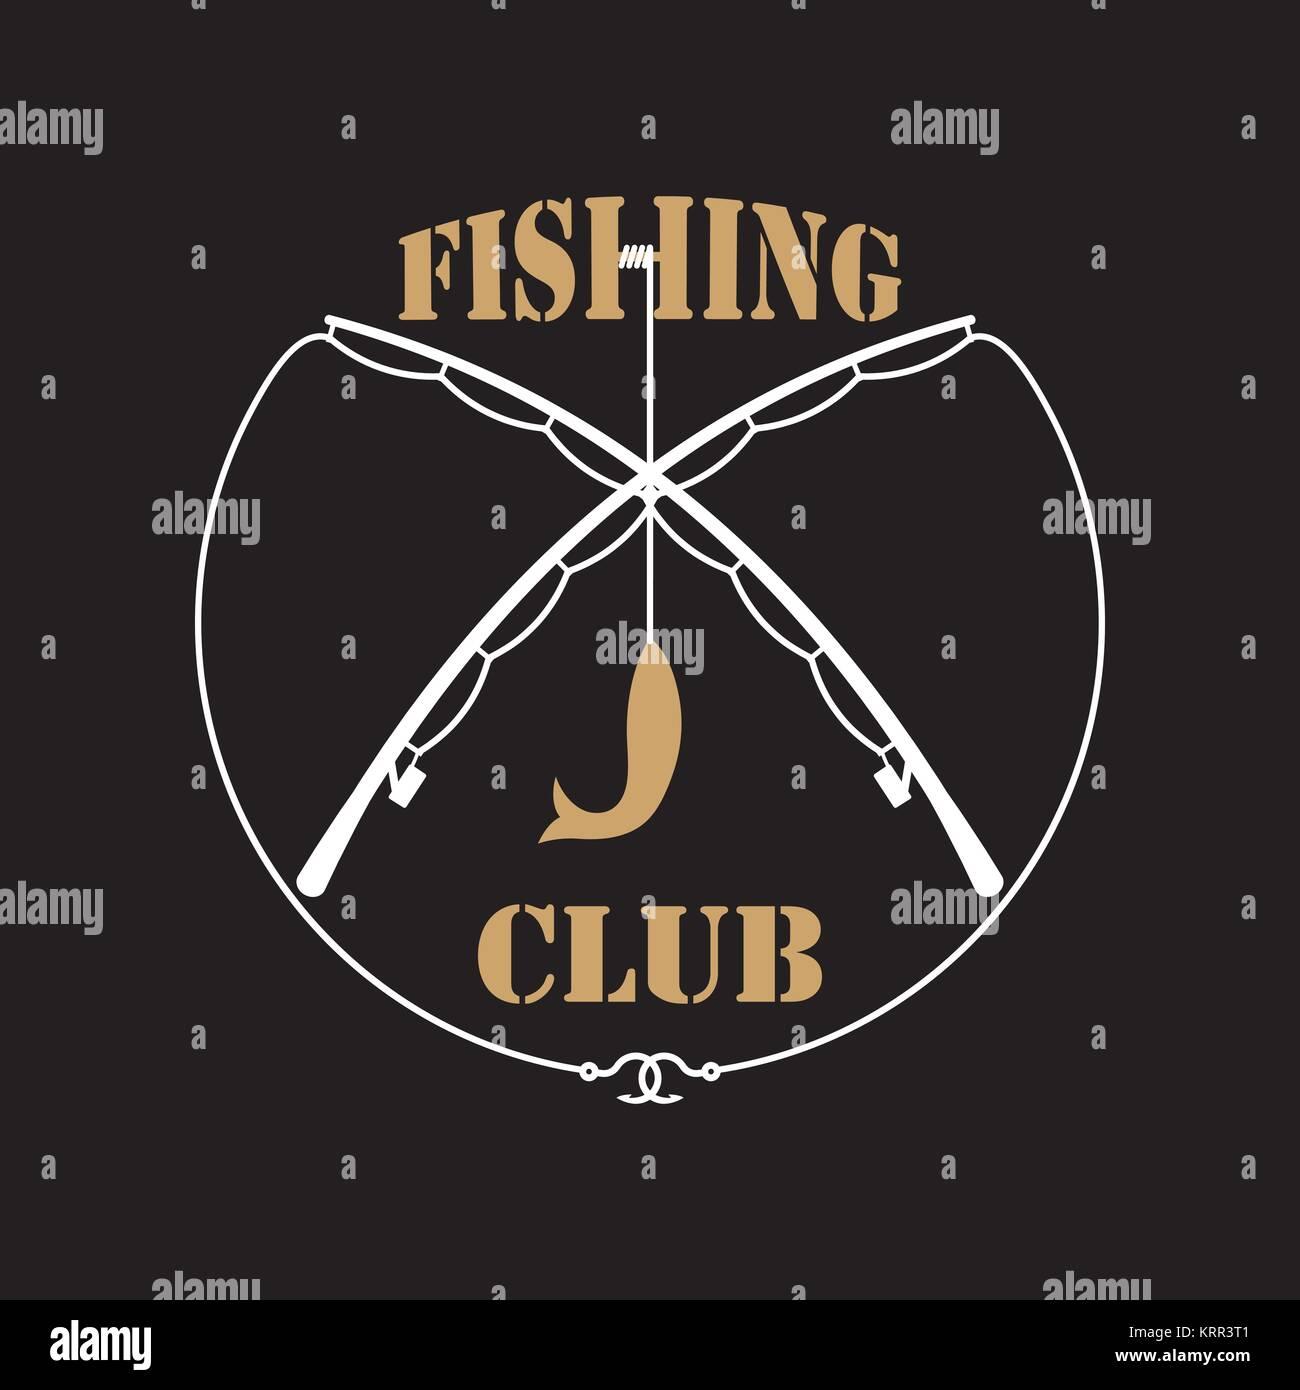 fishing club logo stock photos amp fishing club logo stock